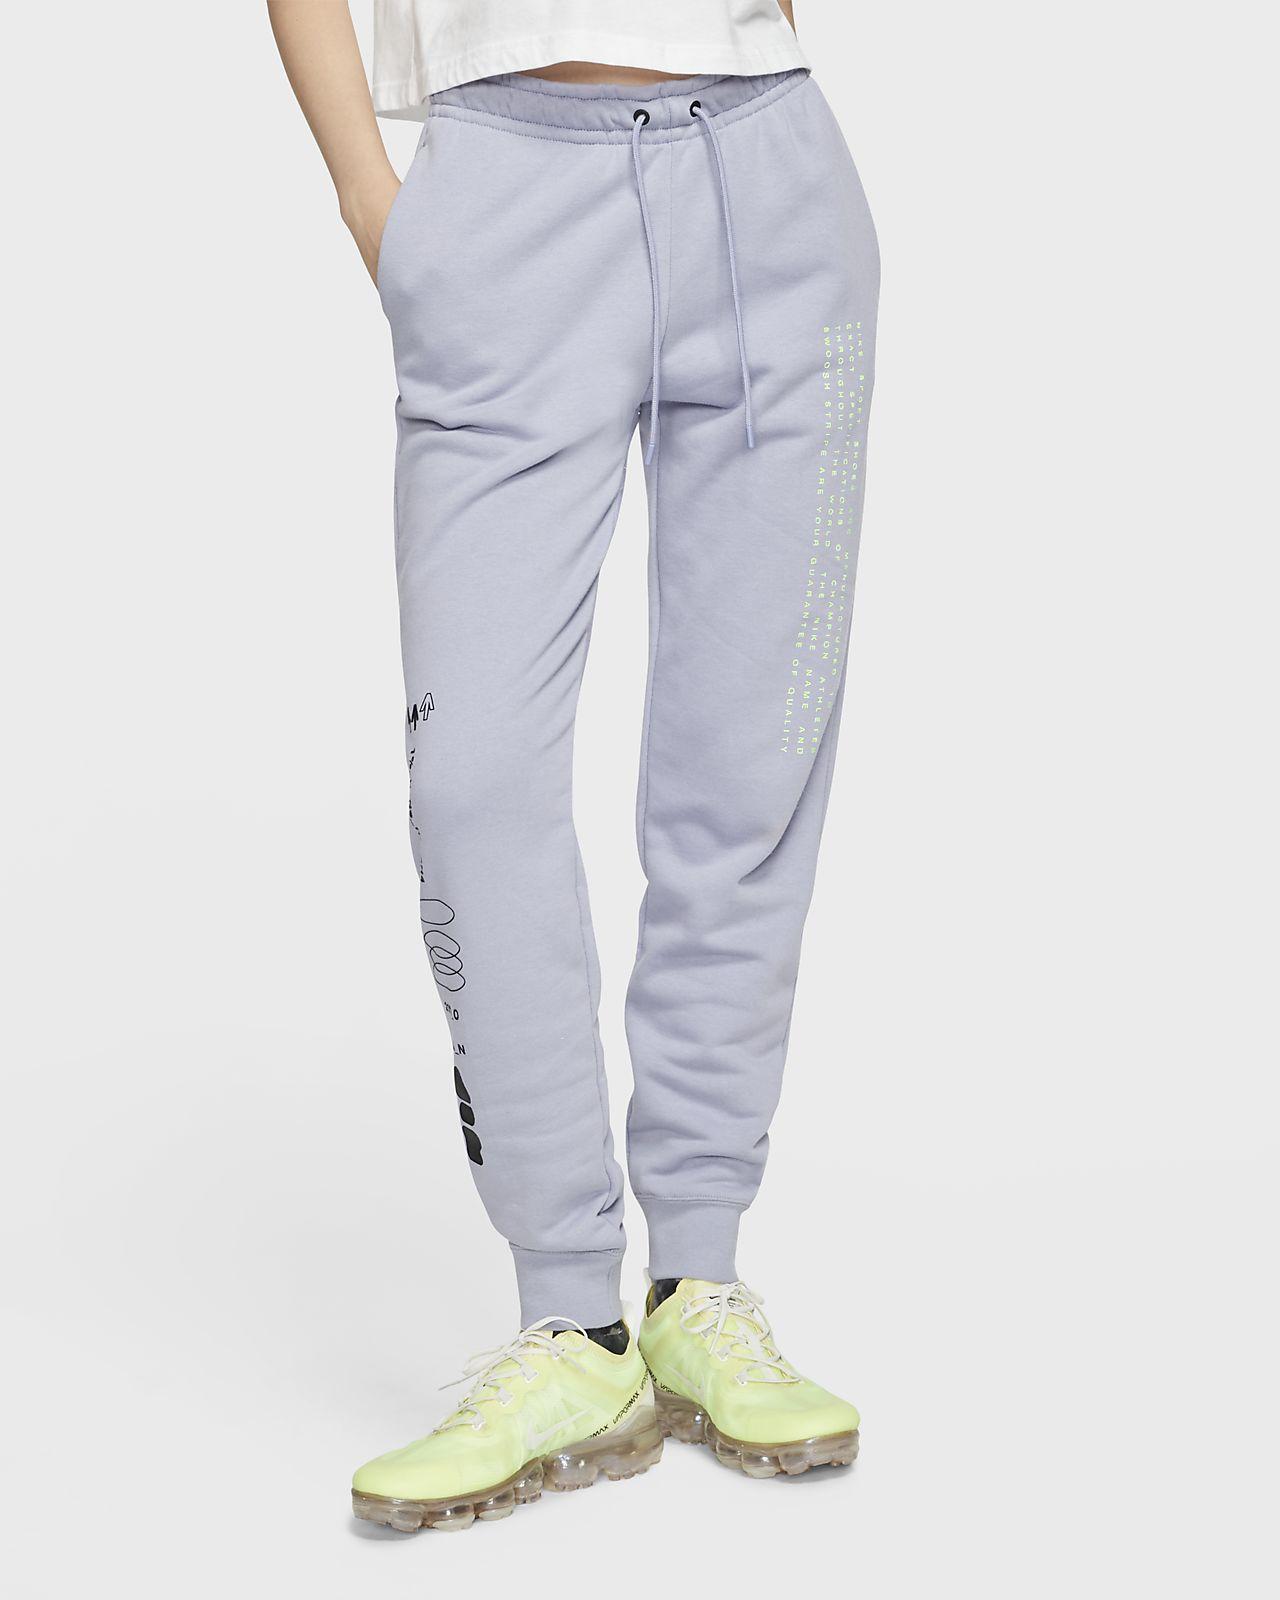 Nike Sportswear Essential Women's Joggers